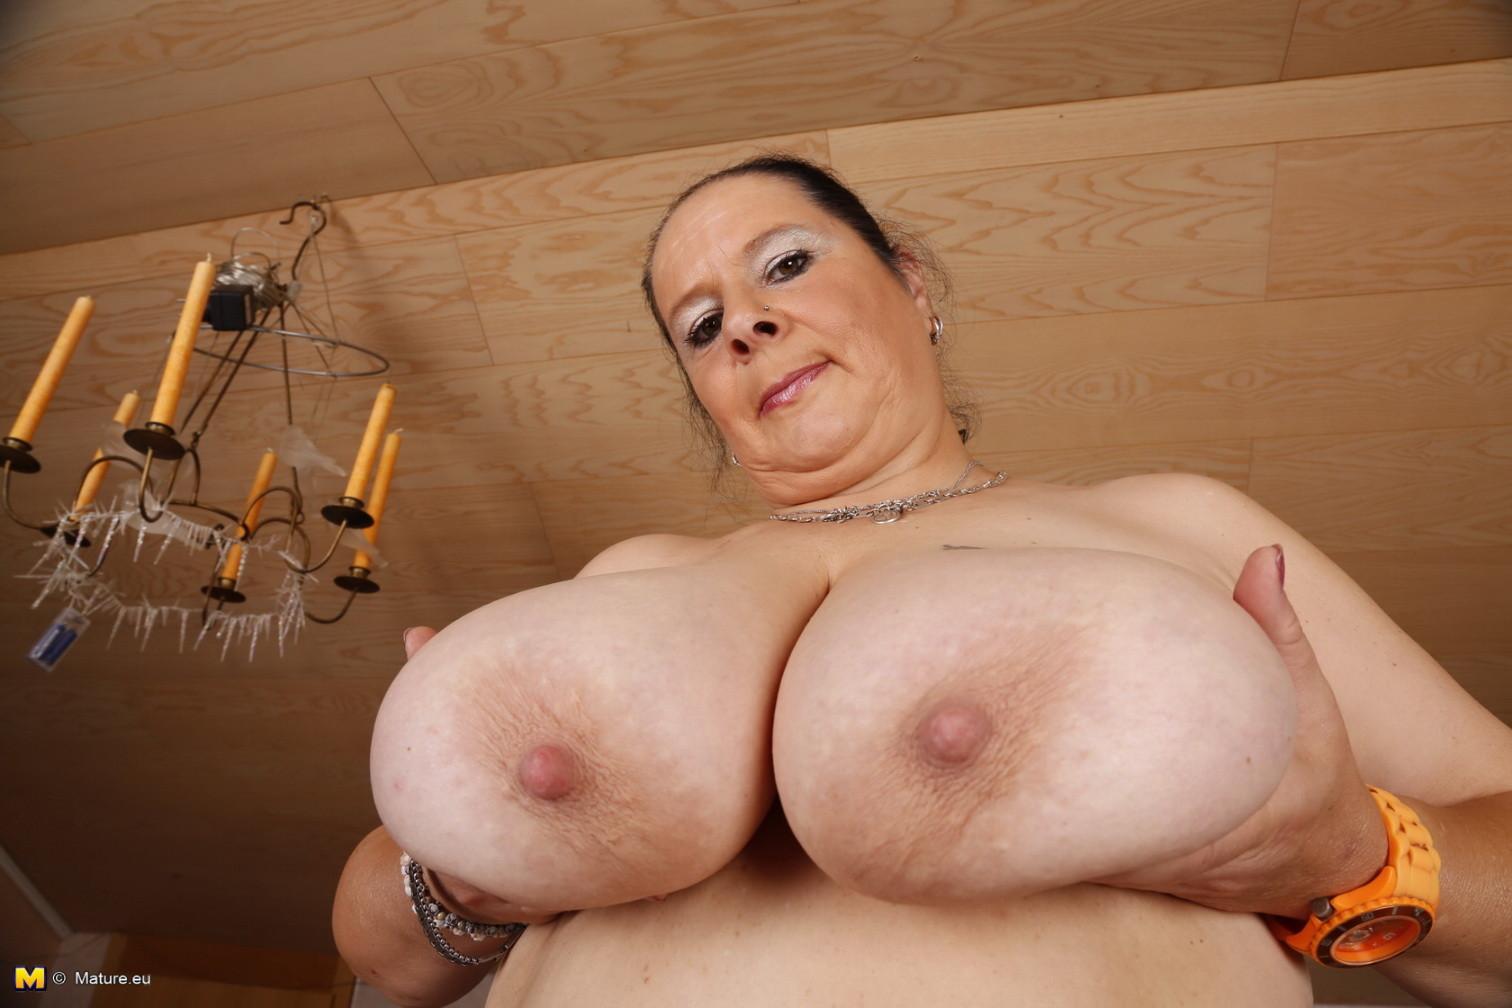 Огромные буфера этой зрелой женщины поразят кого угодно, тем более, когда их можно разглядеть так близко